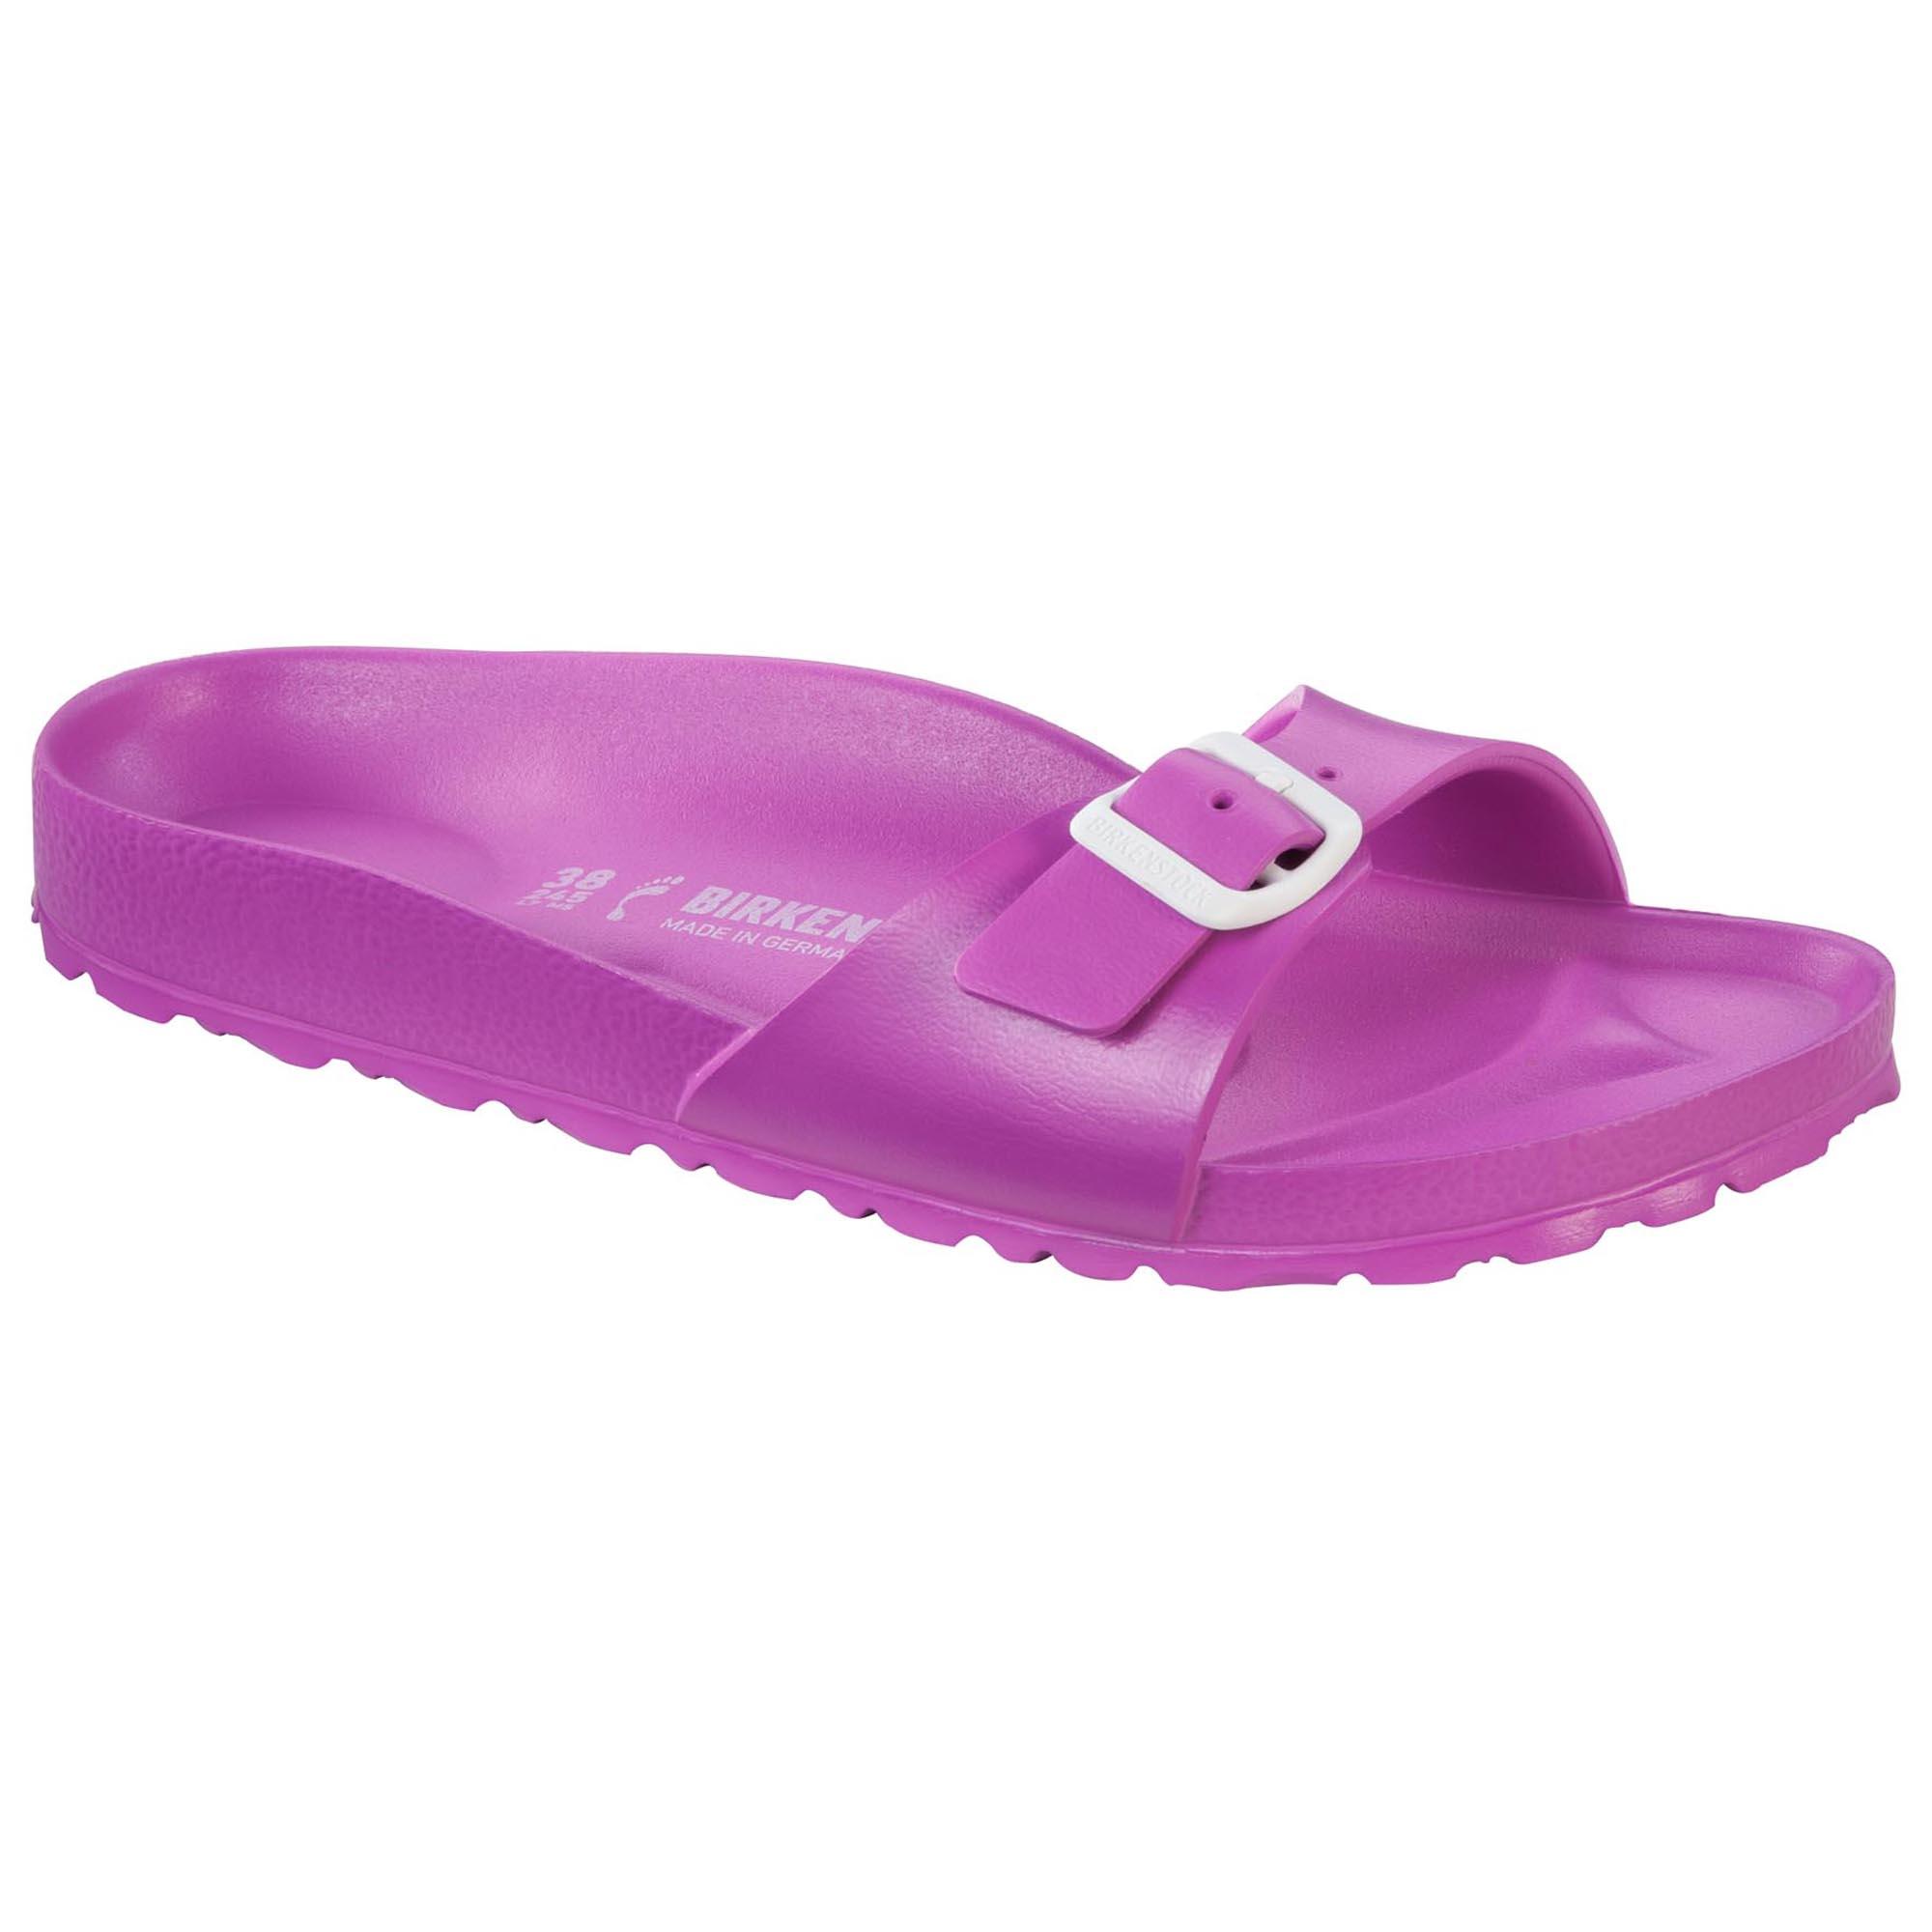 Details zu Birkenstock Madrid EVA Sandalen Hausschuhe EVA Damen Schuhe CO